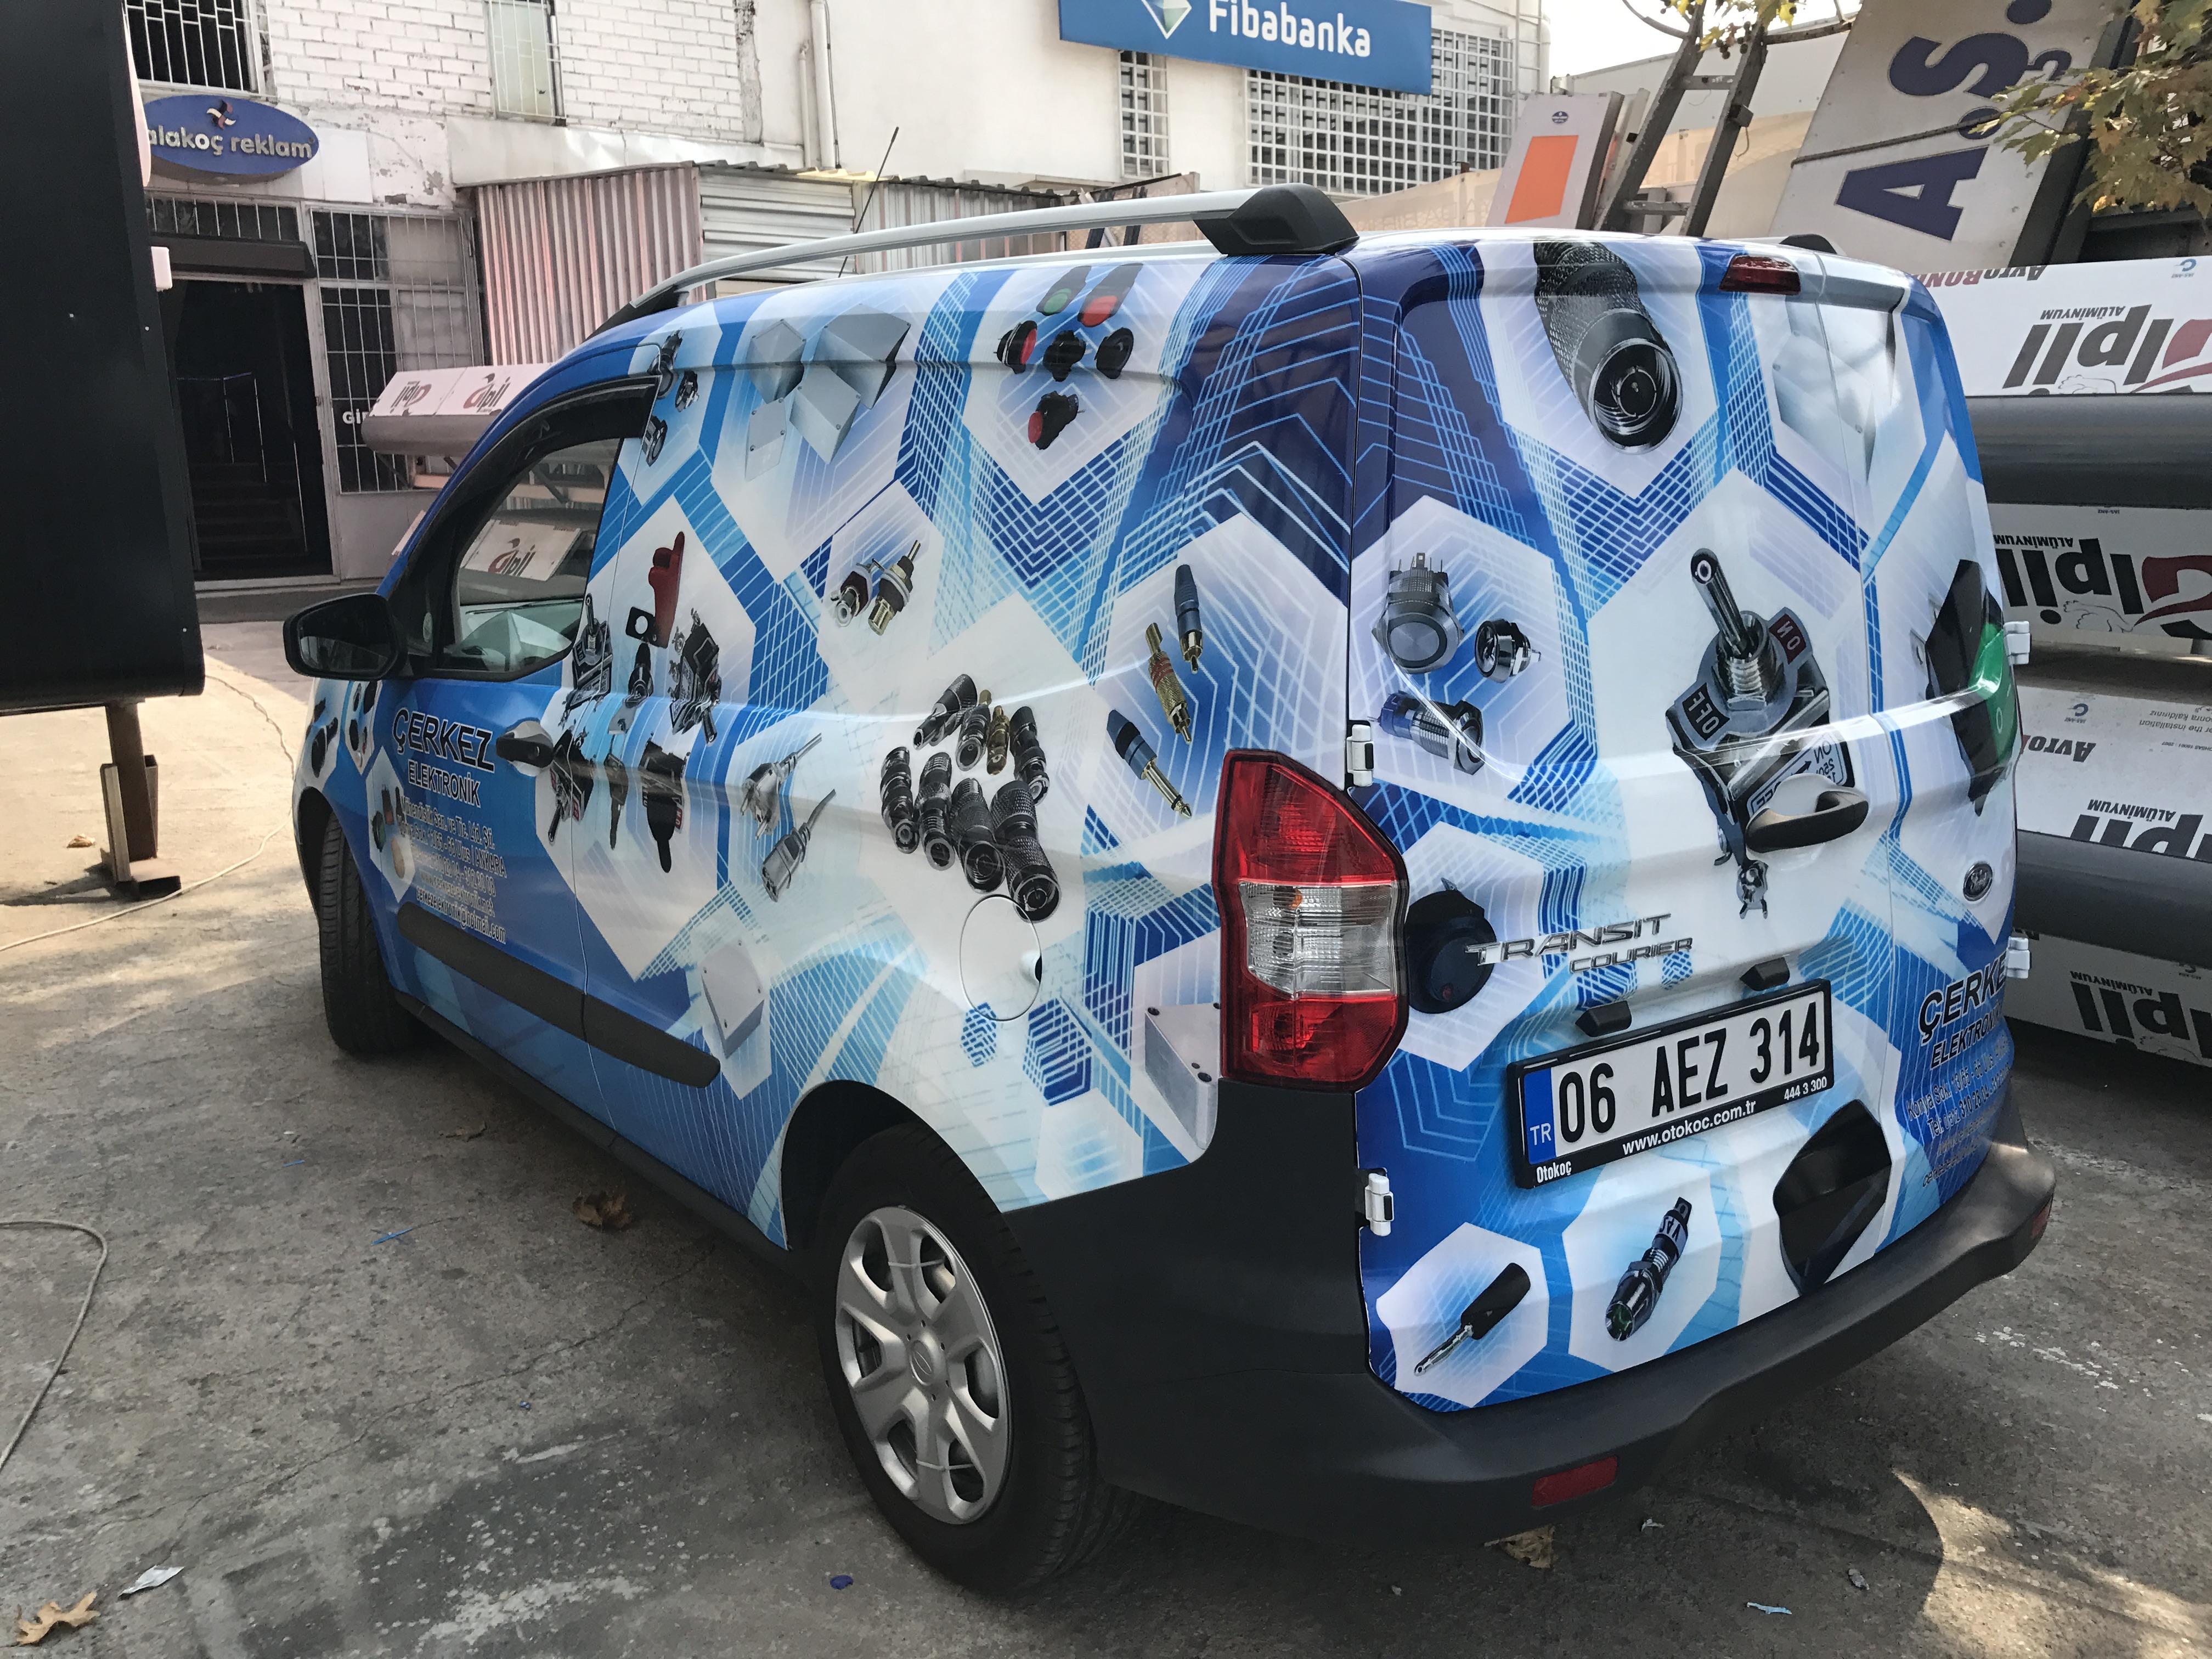 Araç Giydirme, Ankara, Araç Kaplama, Taksi Kaplama, Araç Modifiye Kaplama, Araba Giydirme, Araç Üzeri Reklam Yapma, Araç, Araba, Reklam, Baskı, Arabalı Reklam, Reklamlı Araba, Ankara Araç (115)